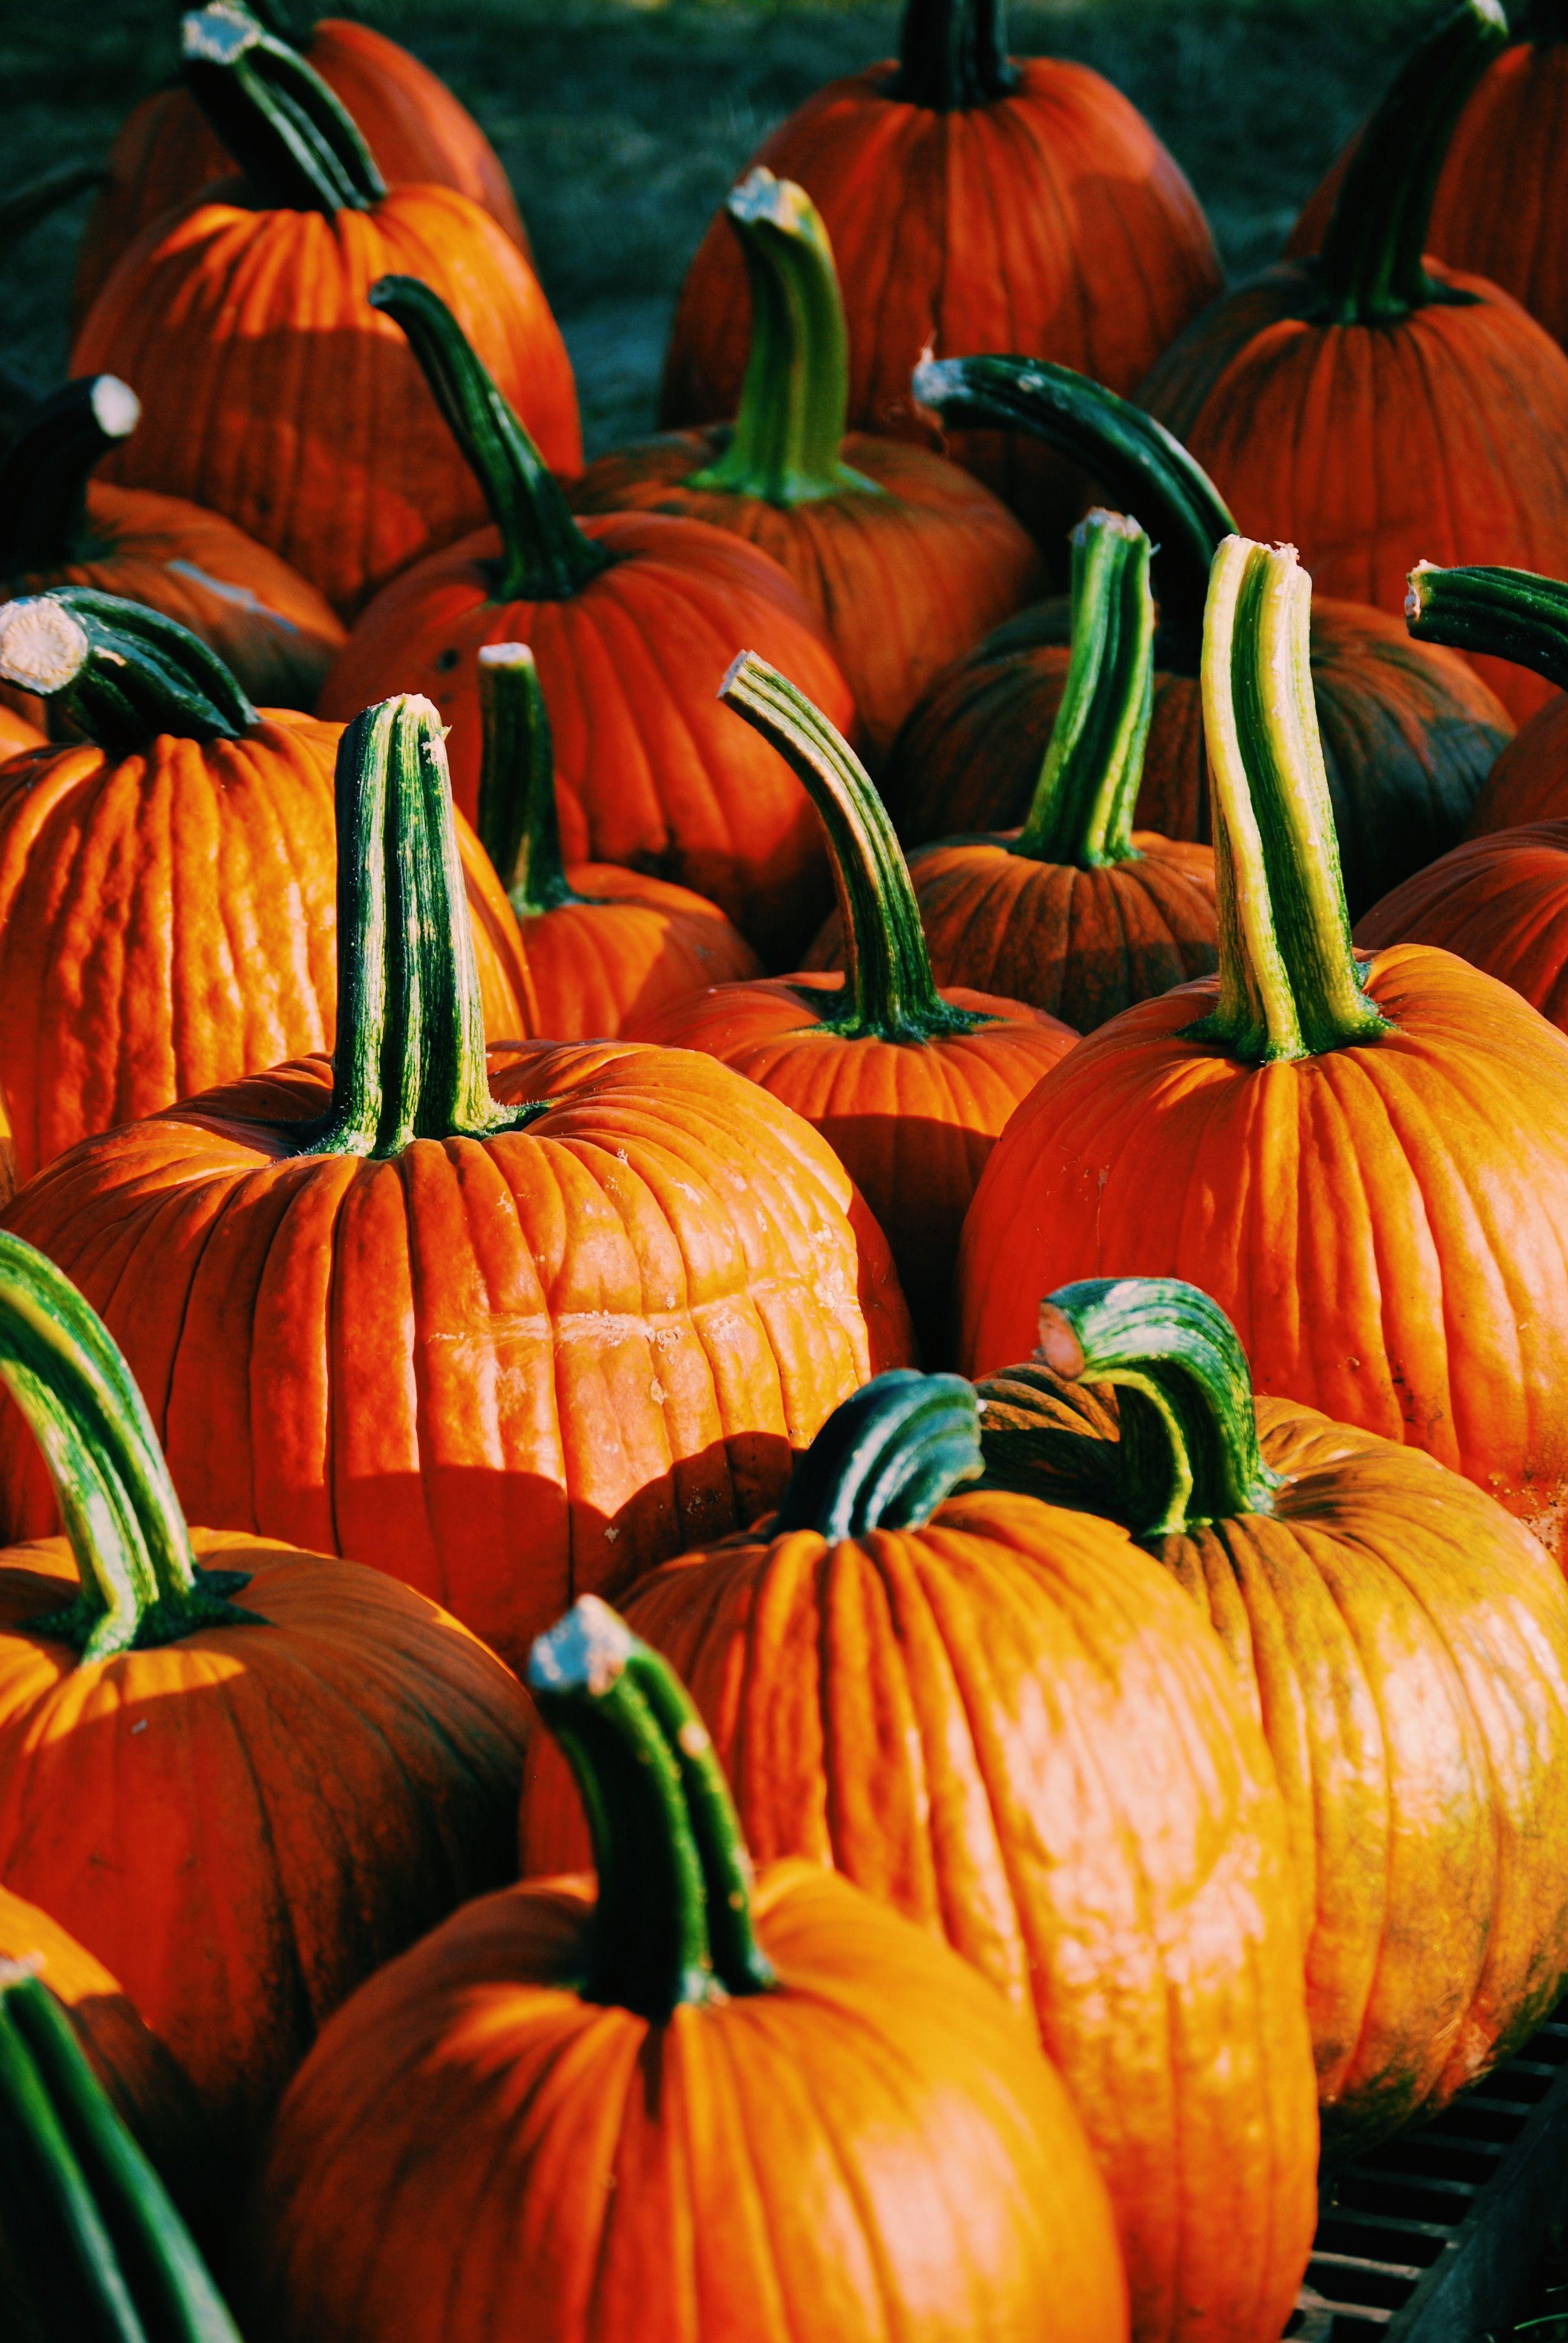 Pumpkin iPhone wallpaper. fall wallpaper Pumpkin